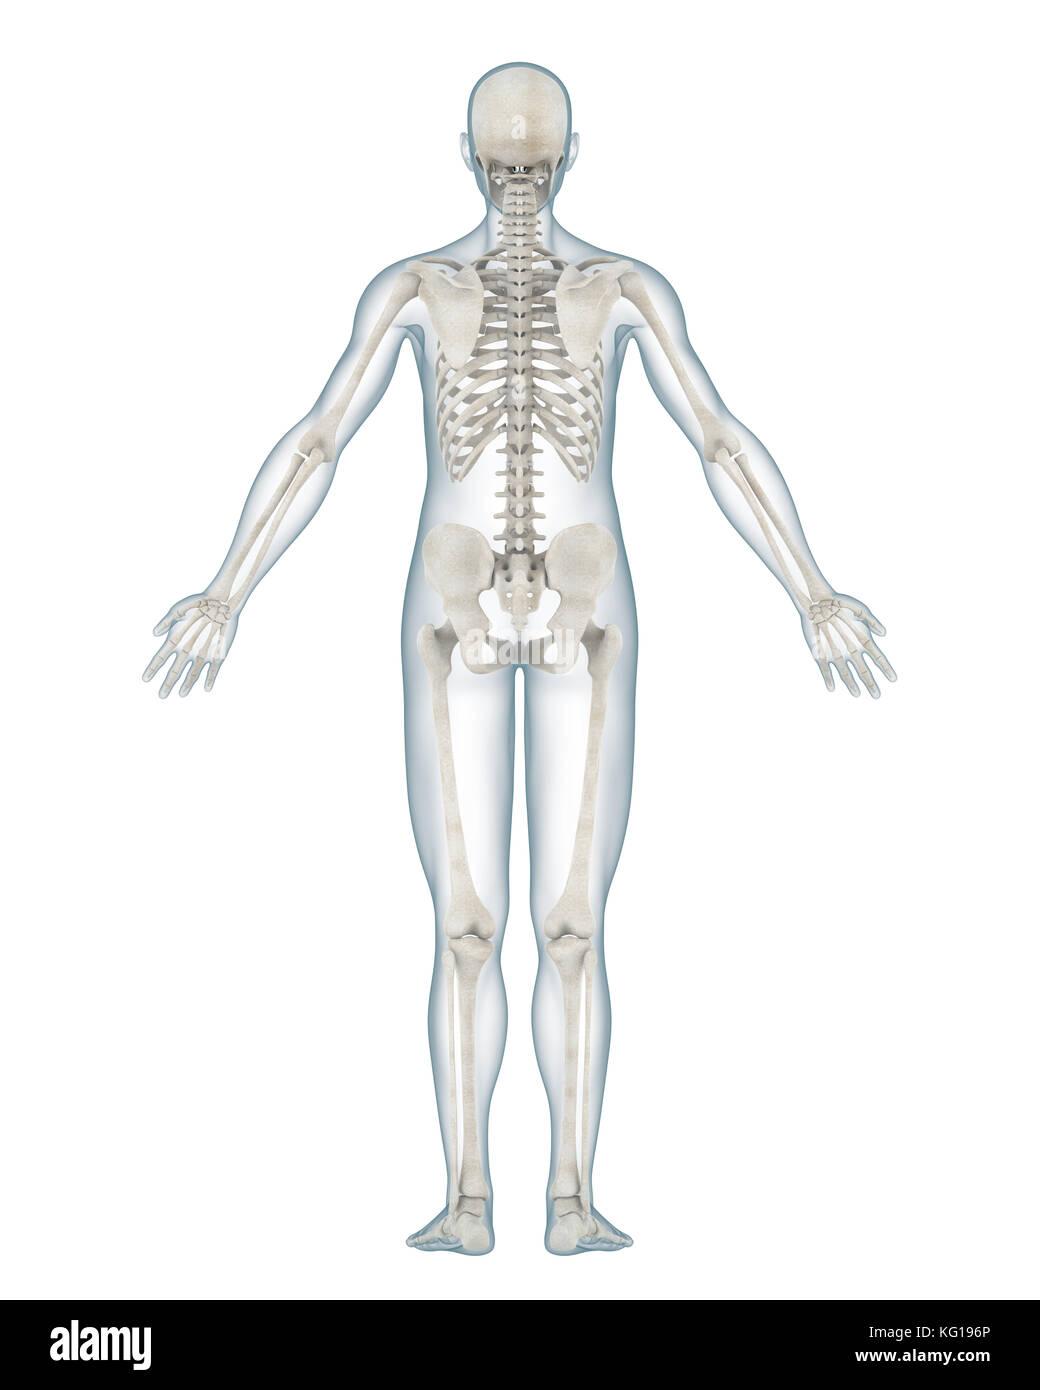 Großartig Zurück Skelettanatomie Galerie - Menschliche Anatomie ...